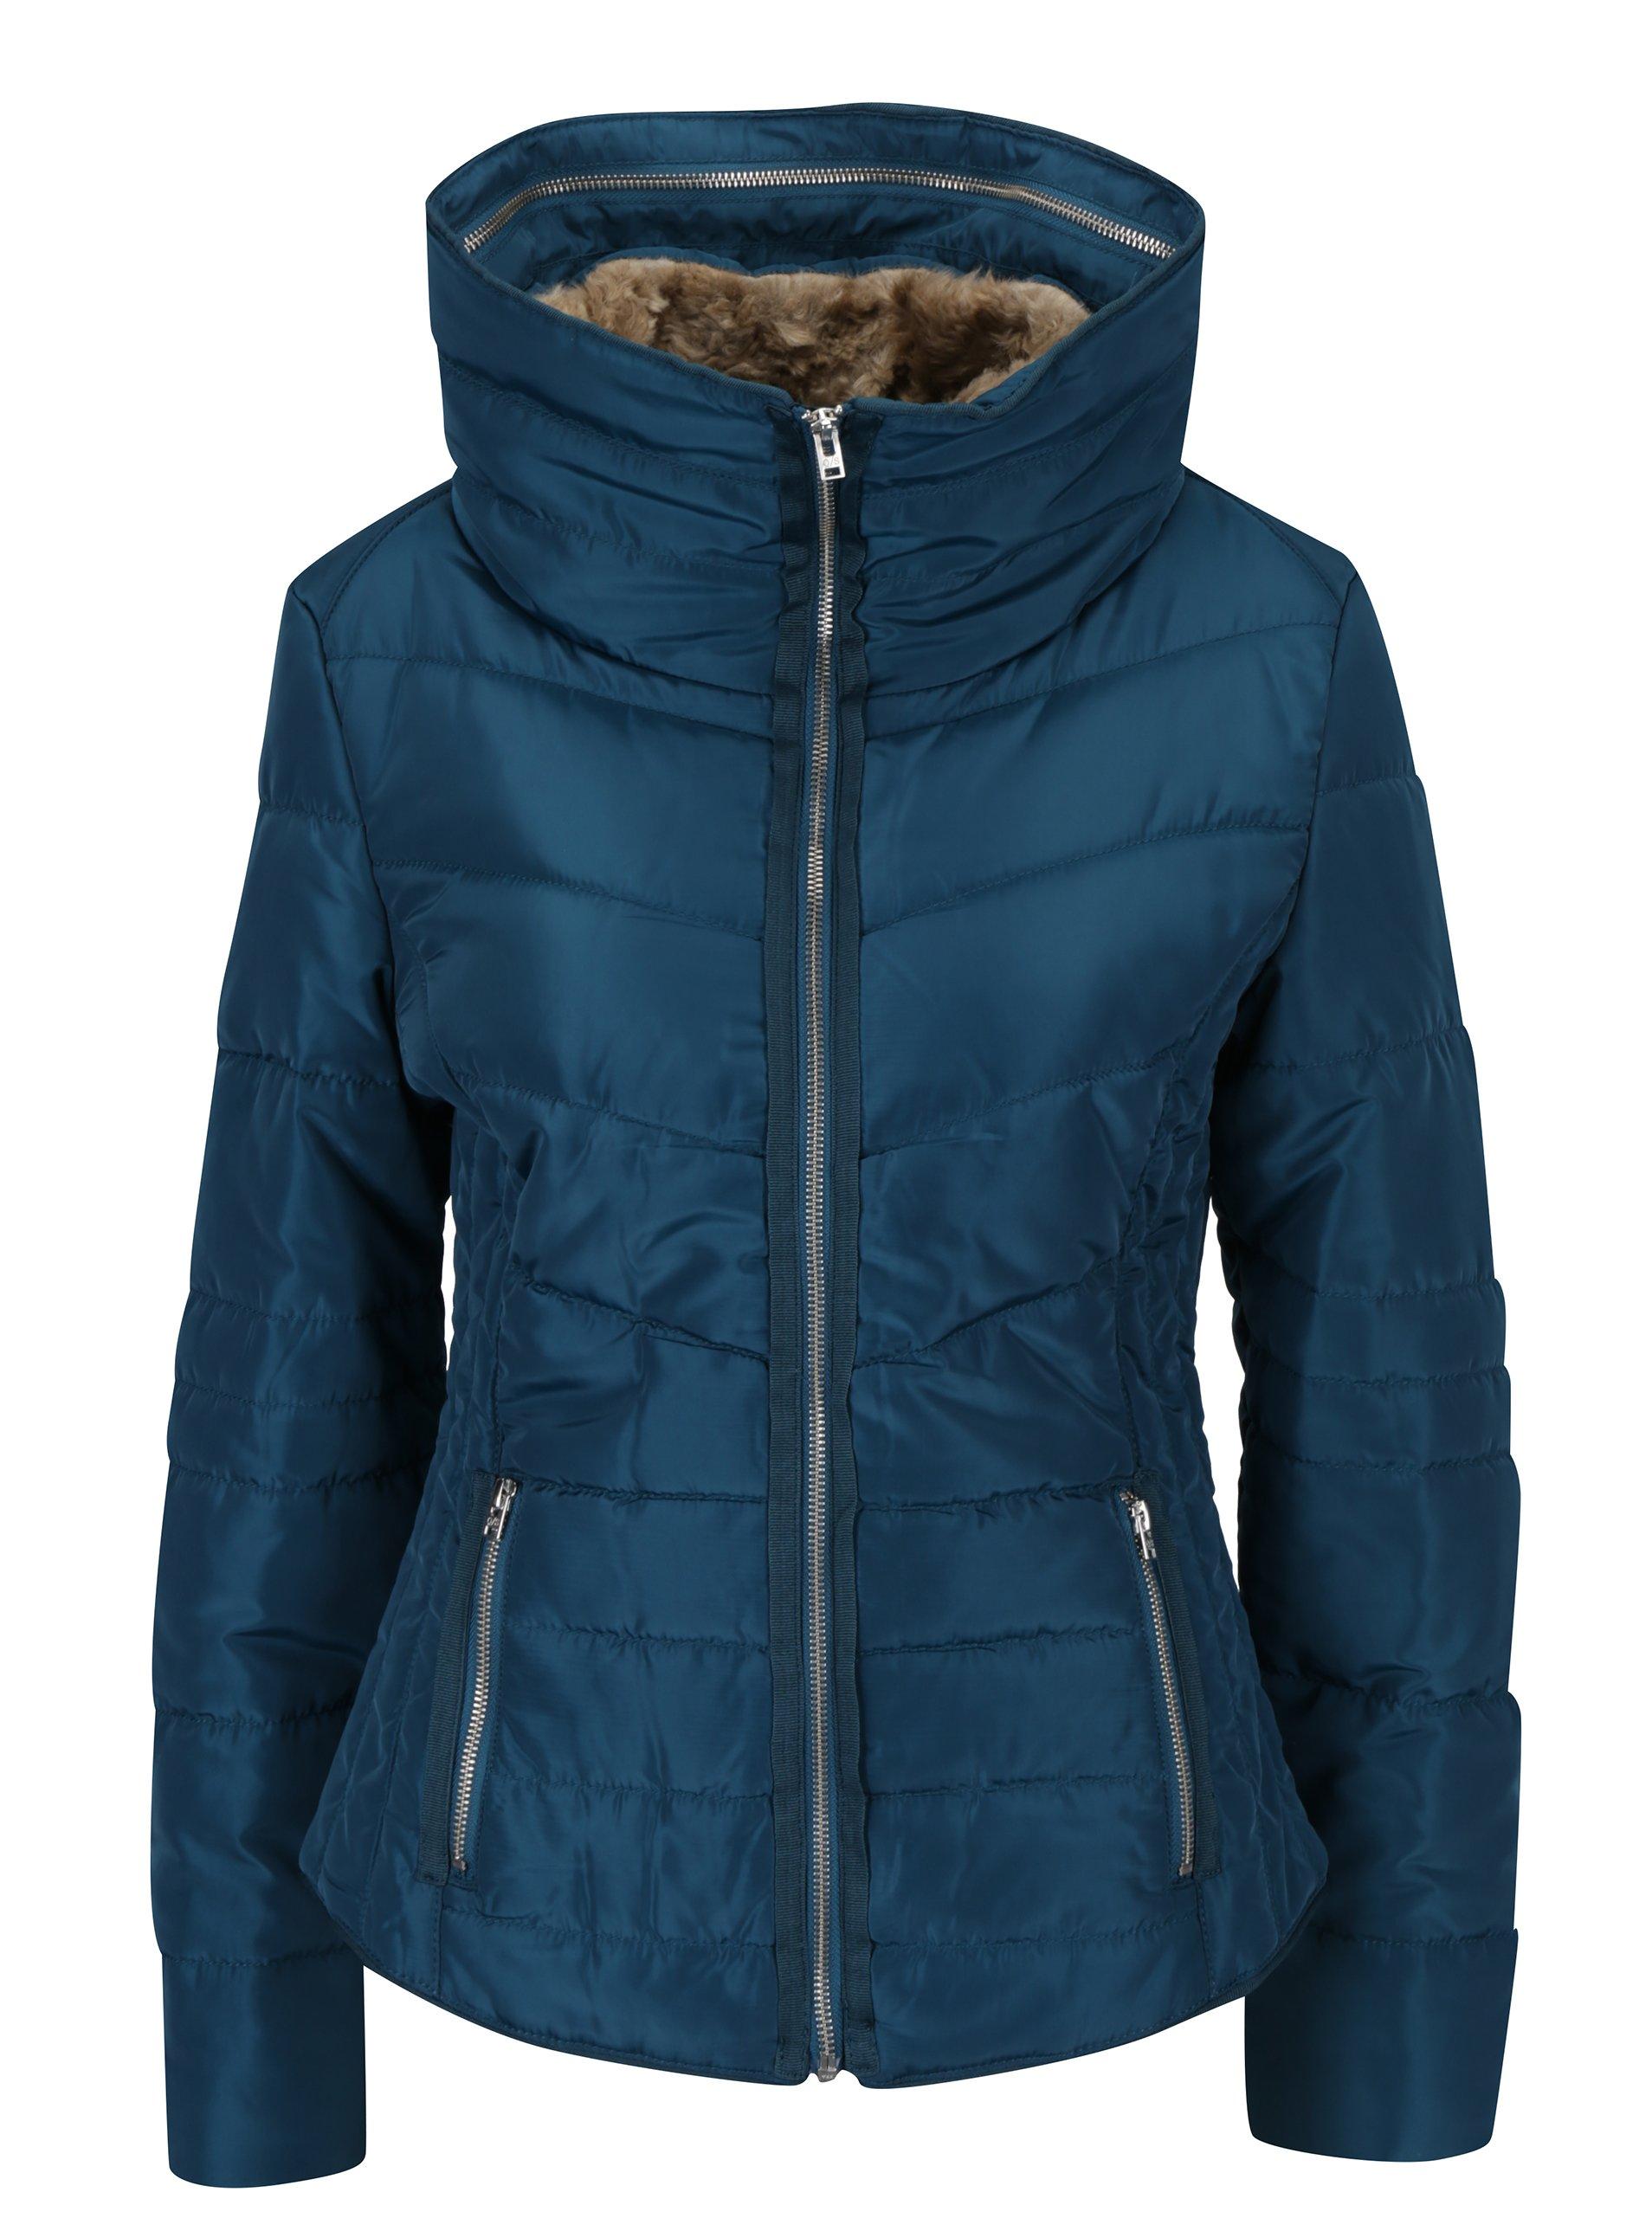 Tyrkysová dámská prošívaná bunda s vysokým límcem s.Oliver